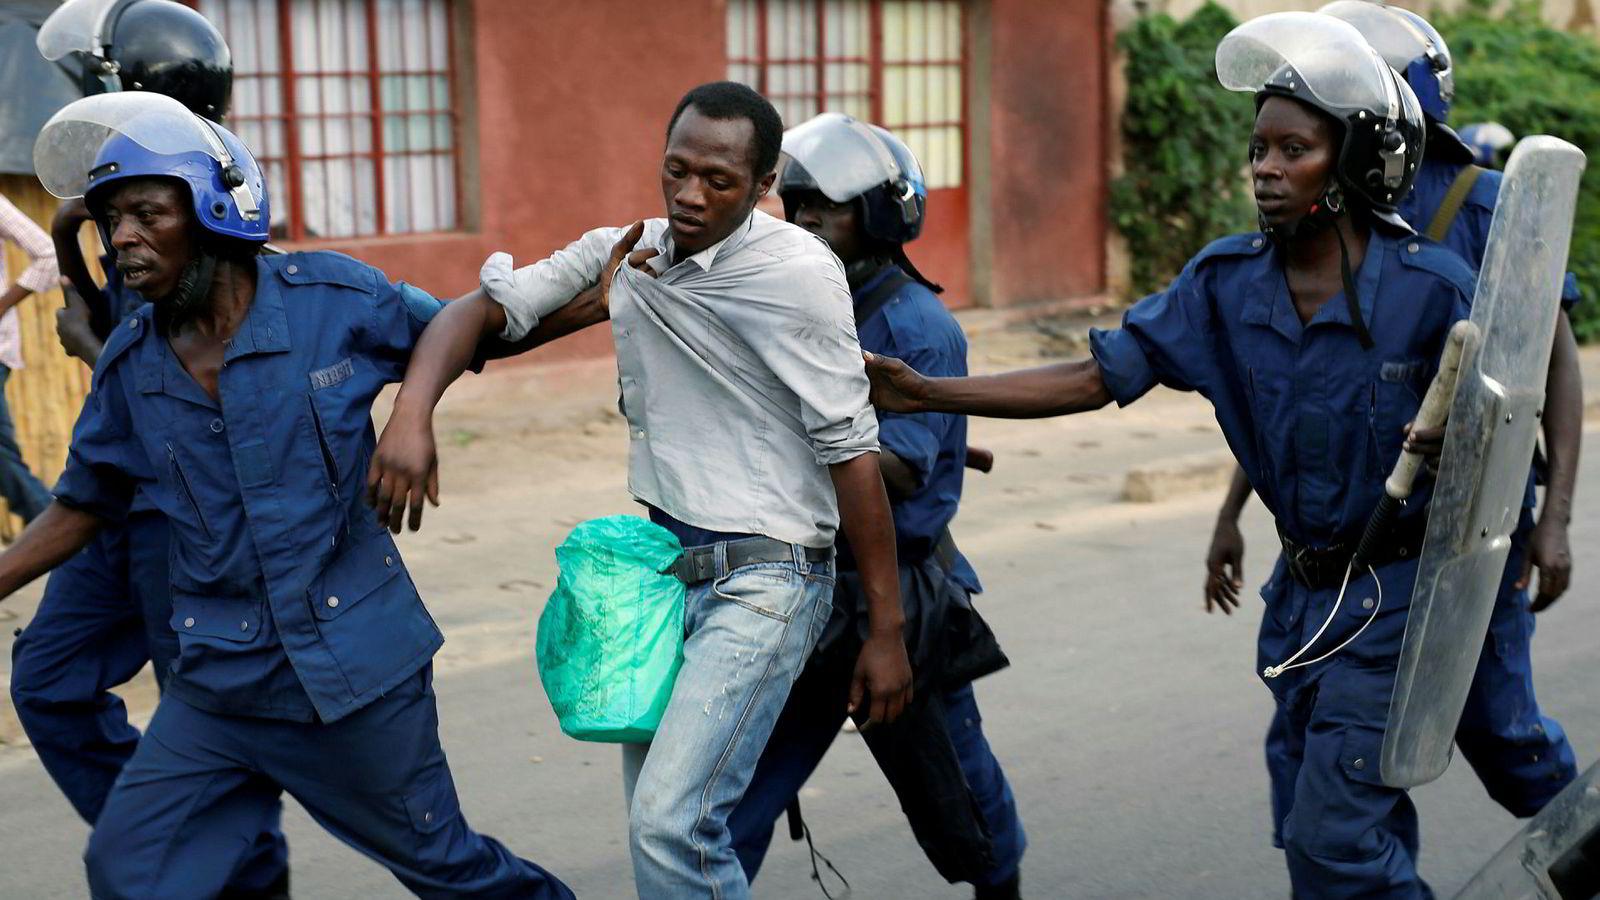 Sikkerhetsstyrkene i Burundi pågriper en mann. Landet har fått kritikk fra FN for menneskerettighetssituasjonen. Nå ber de organisasjonen stenge et kontor i landet.